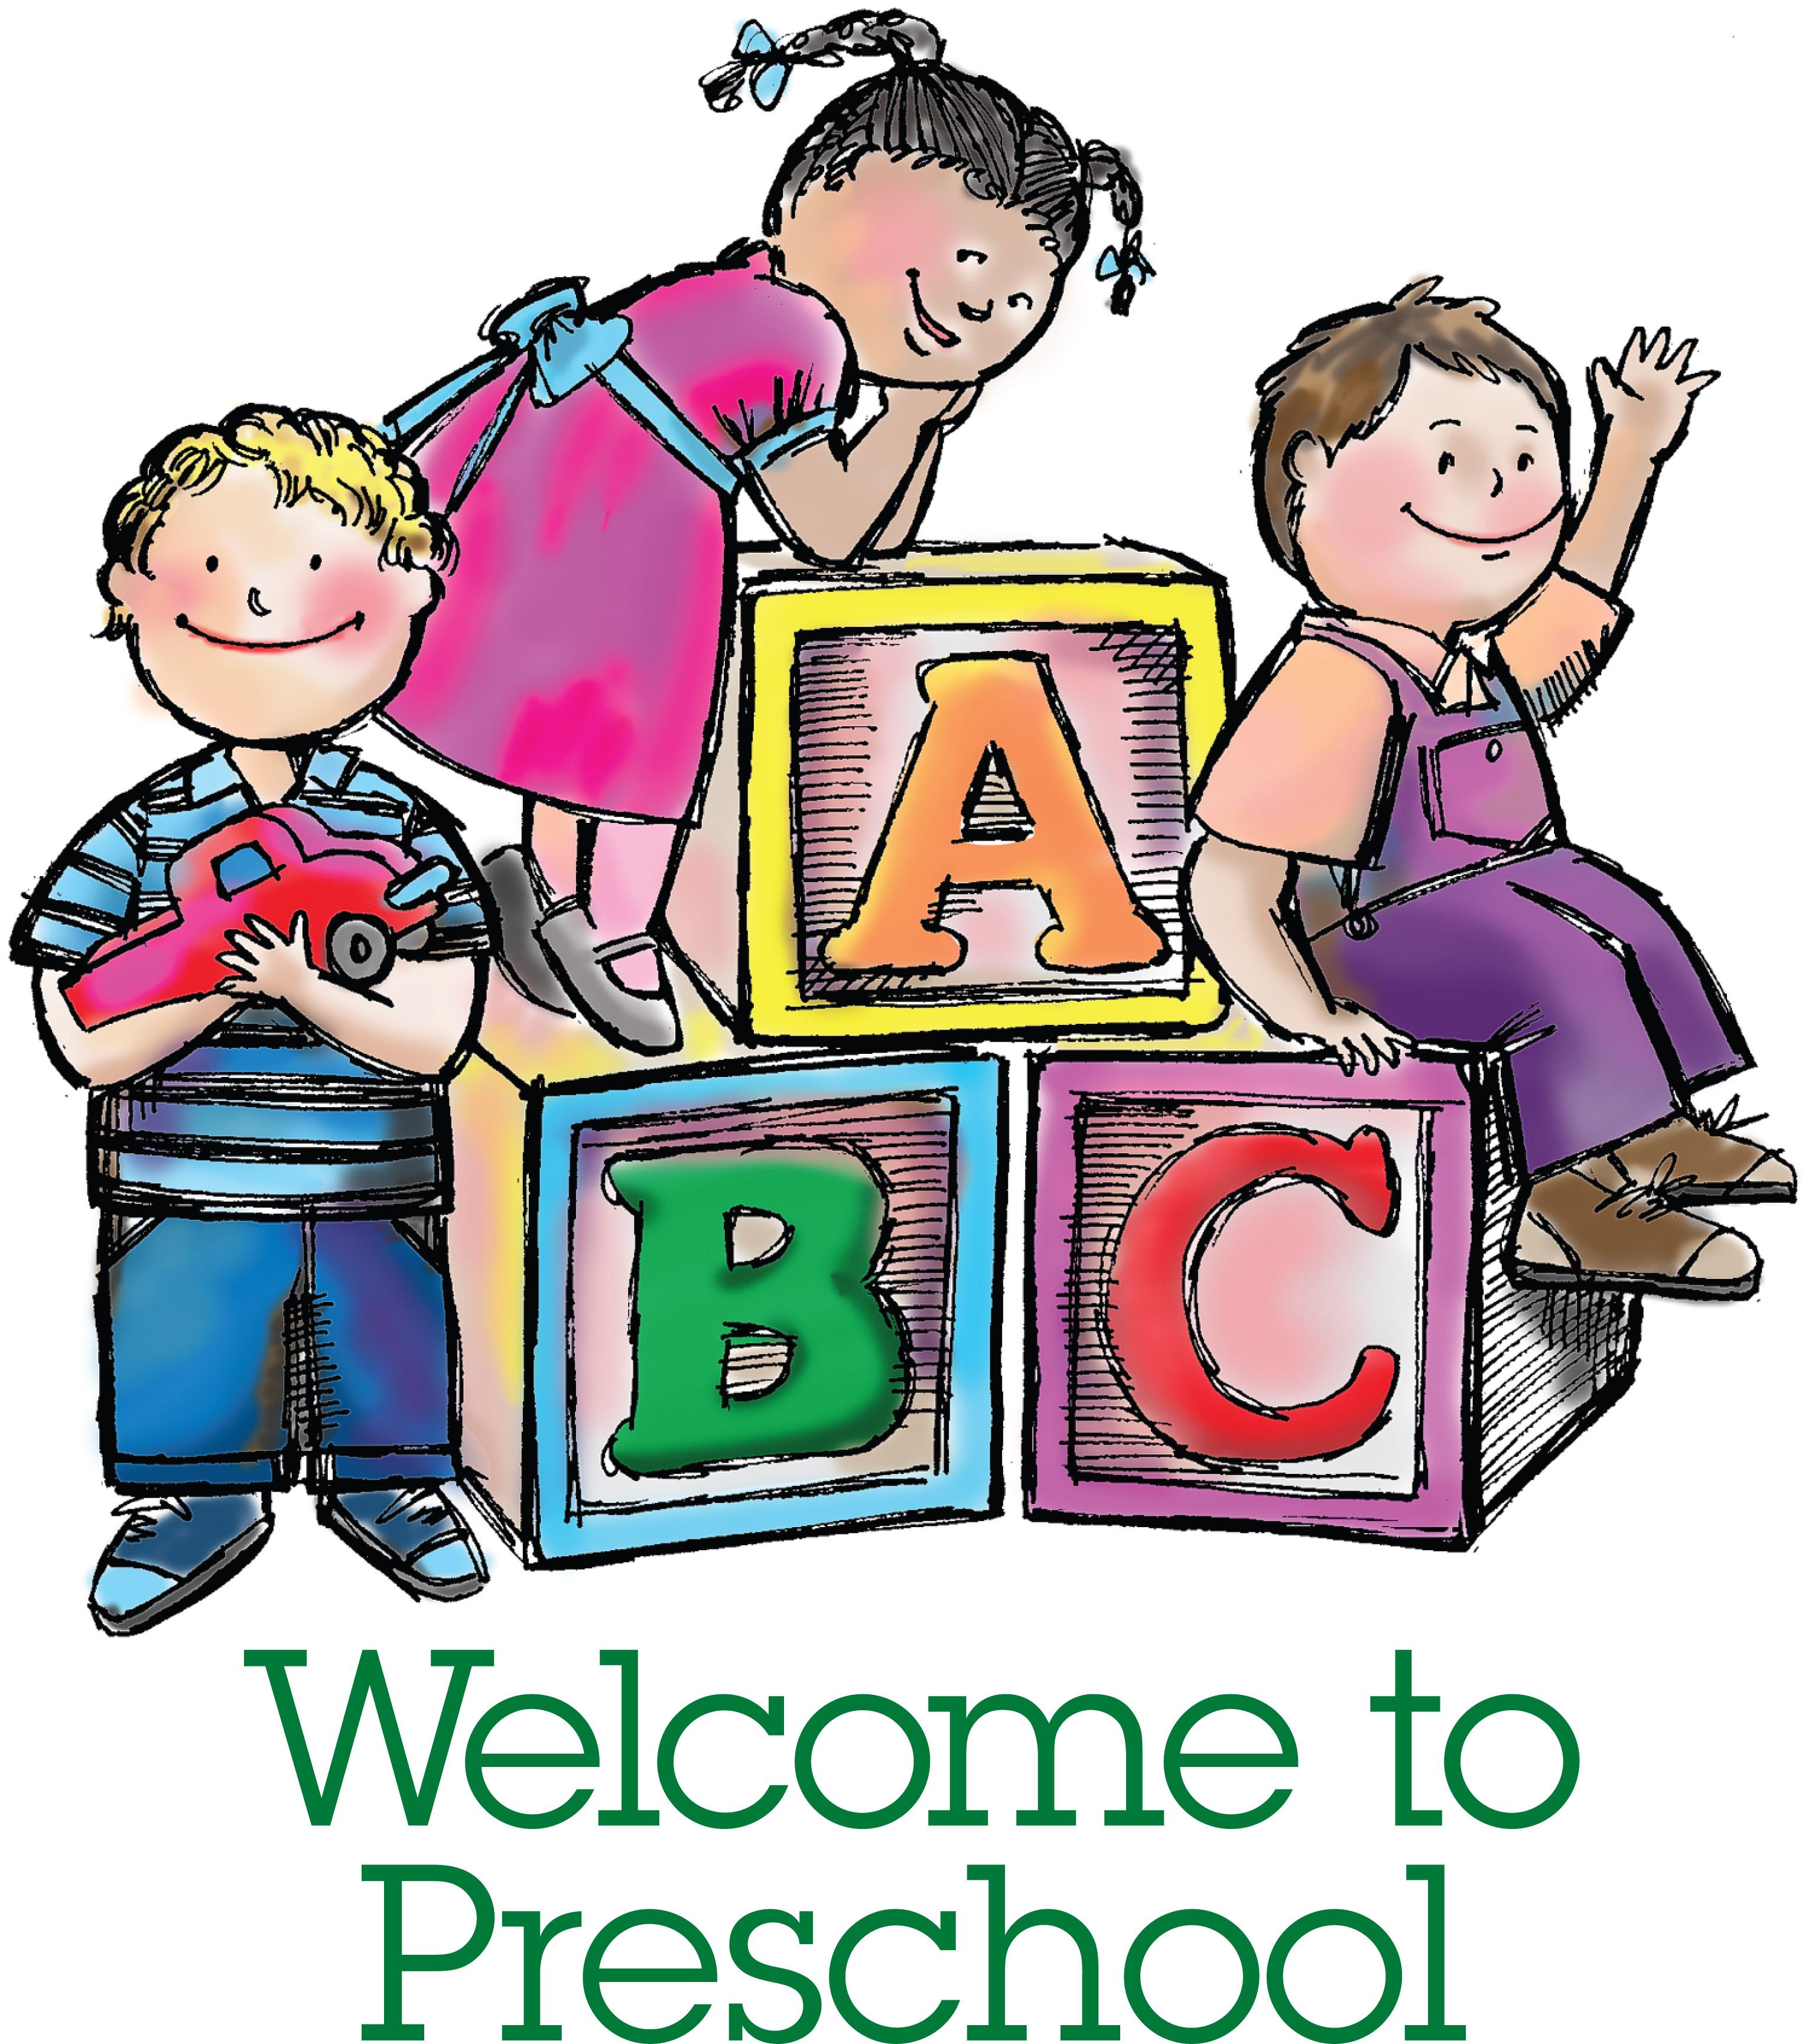 Preschool clipart pre k. Free daycare download clip